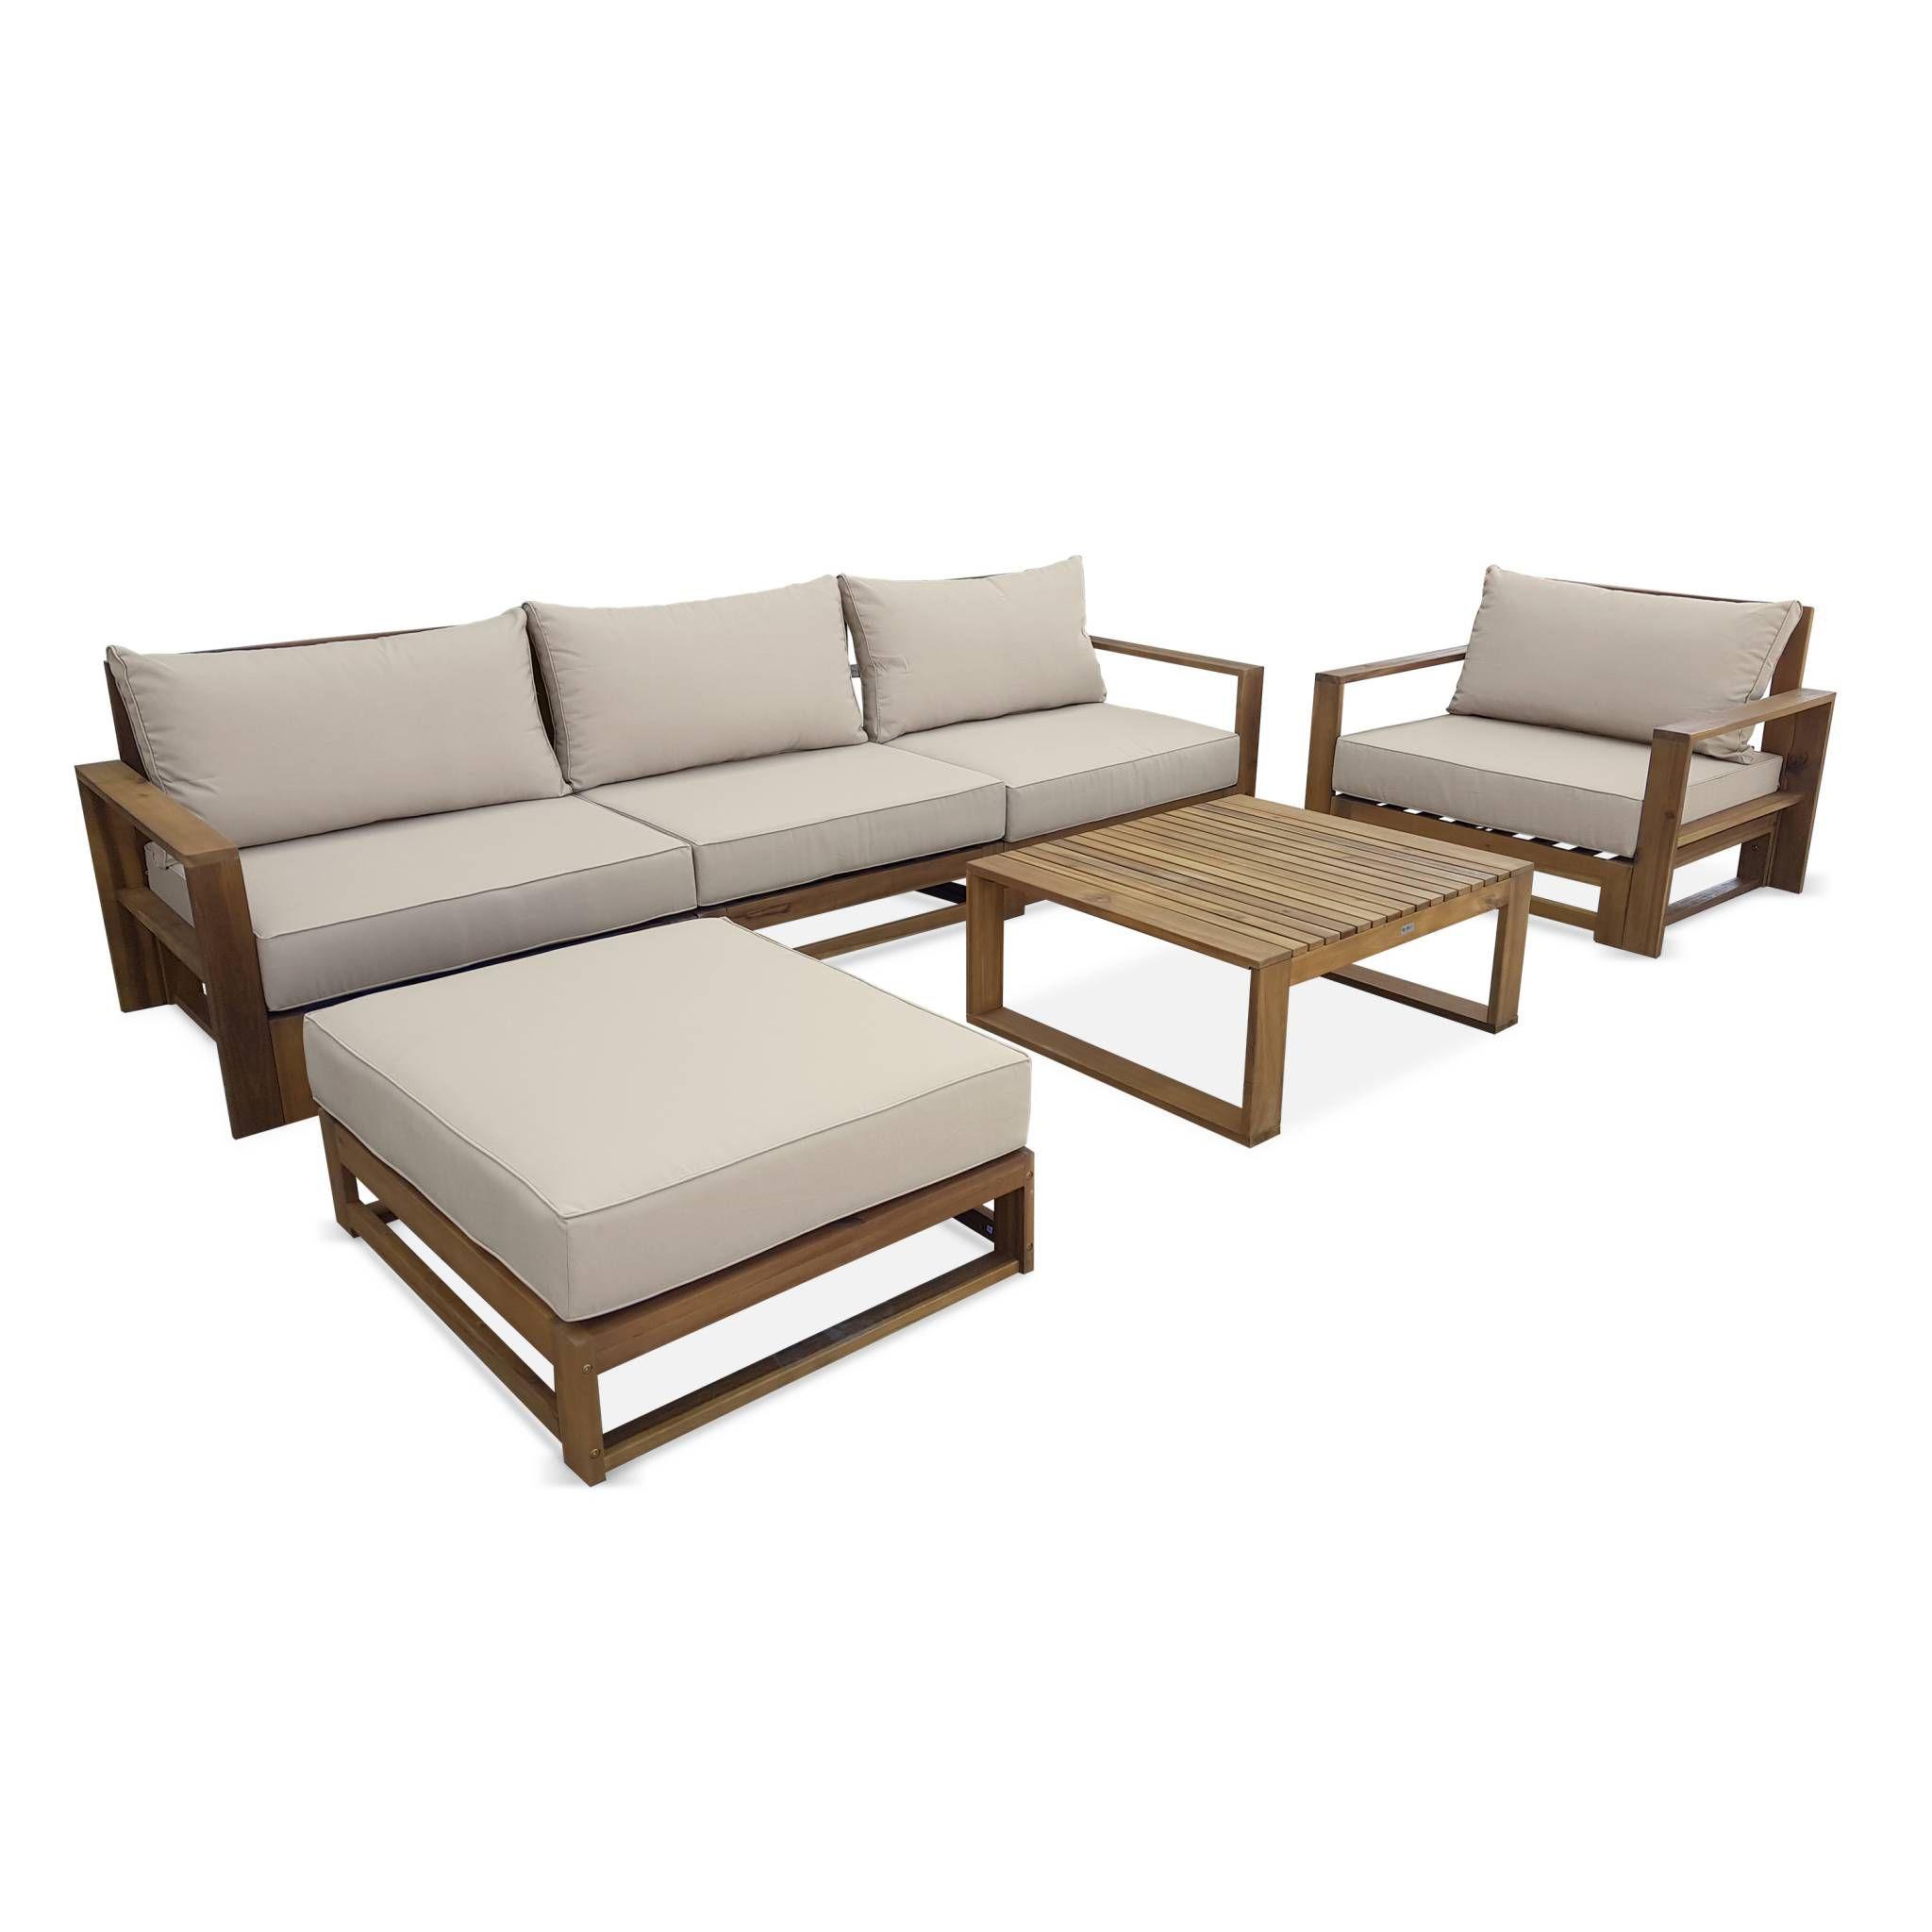 Salon de jardin en bois 5 places - Mendoza - Coussins beiges ...